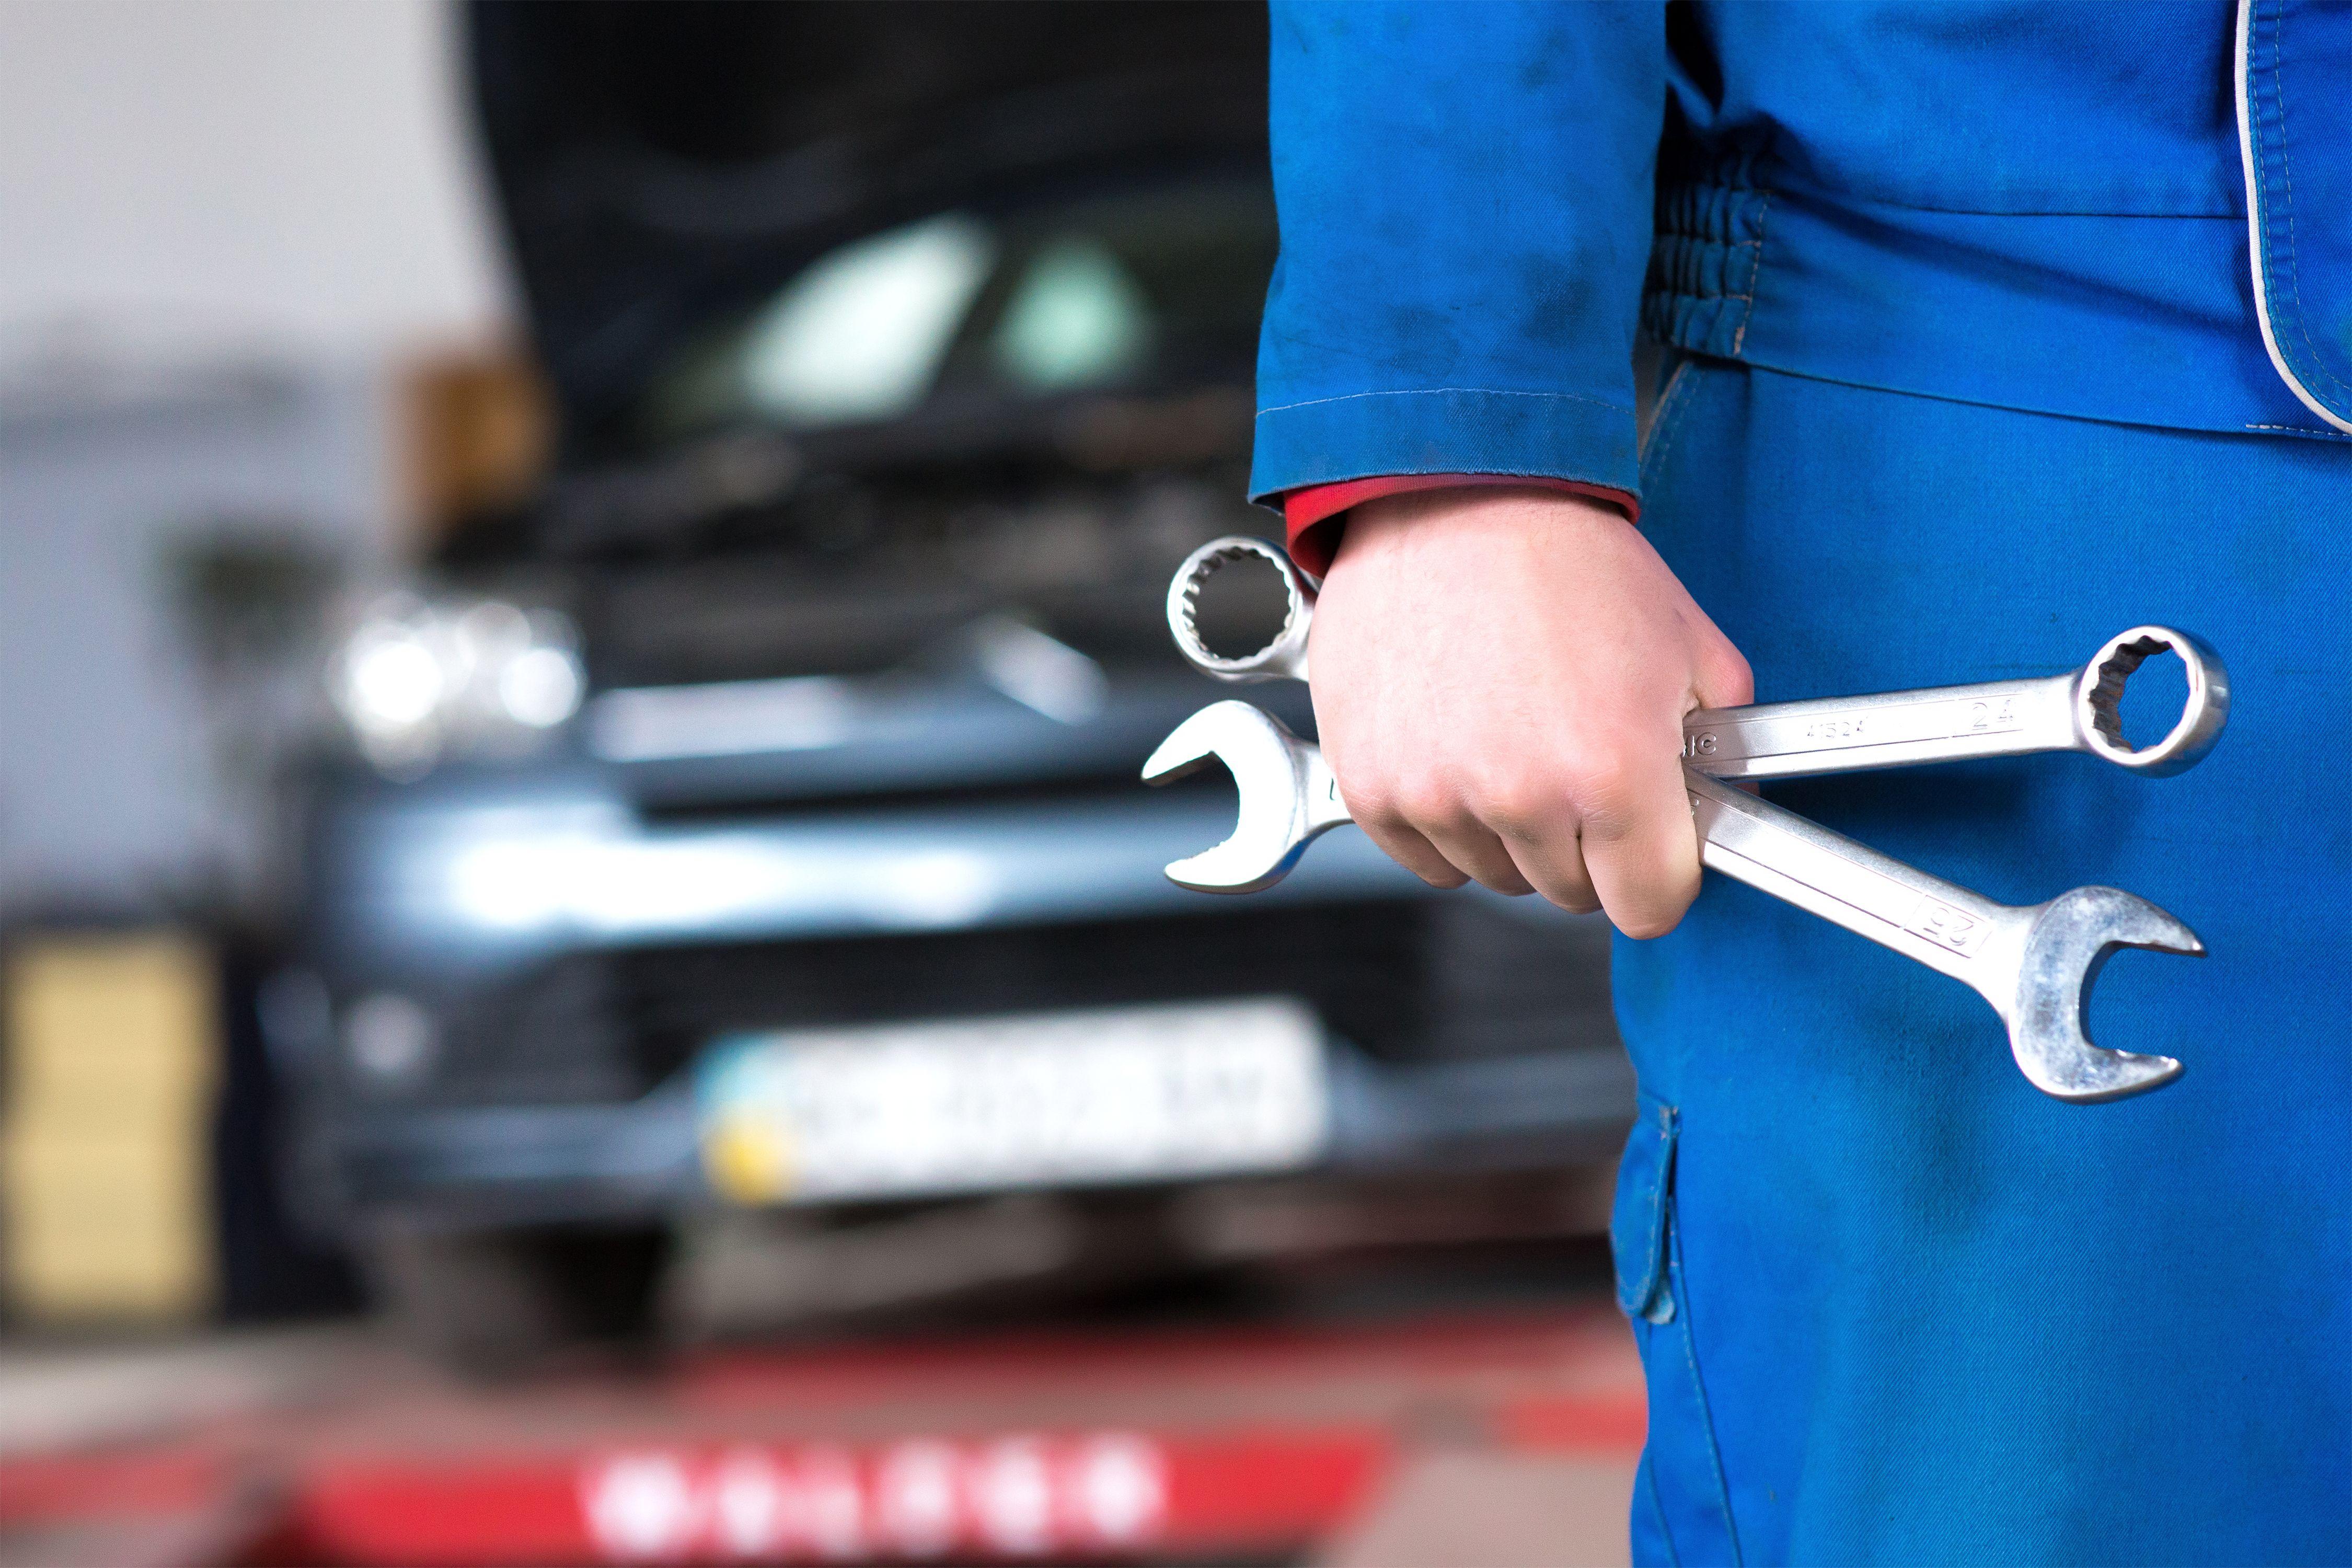 Repara las averías de tu vehículo en nuestro taller mecánico en Berango